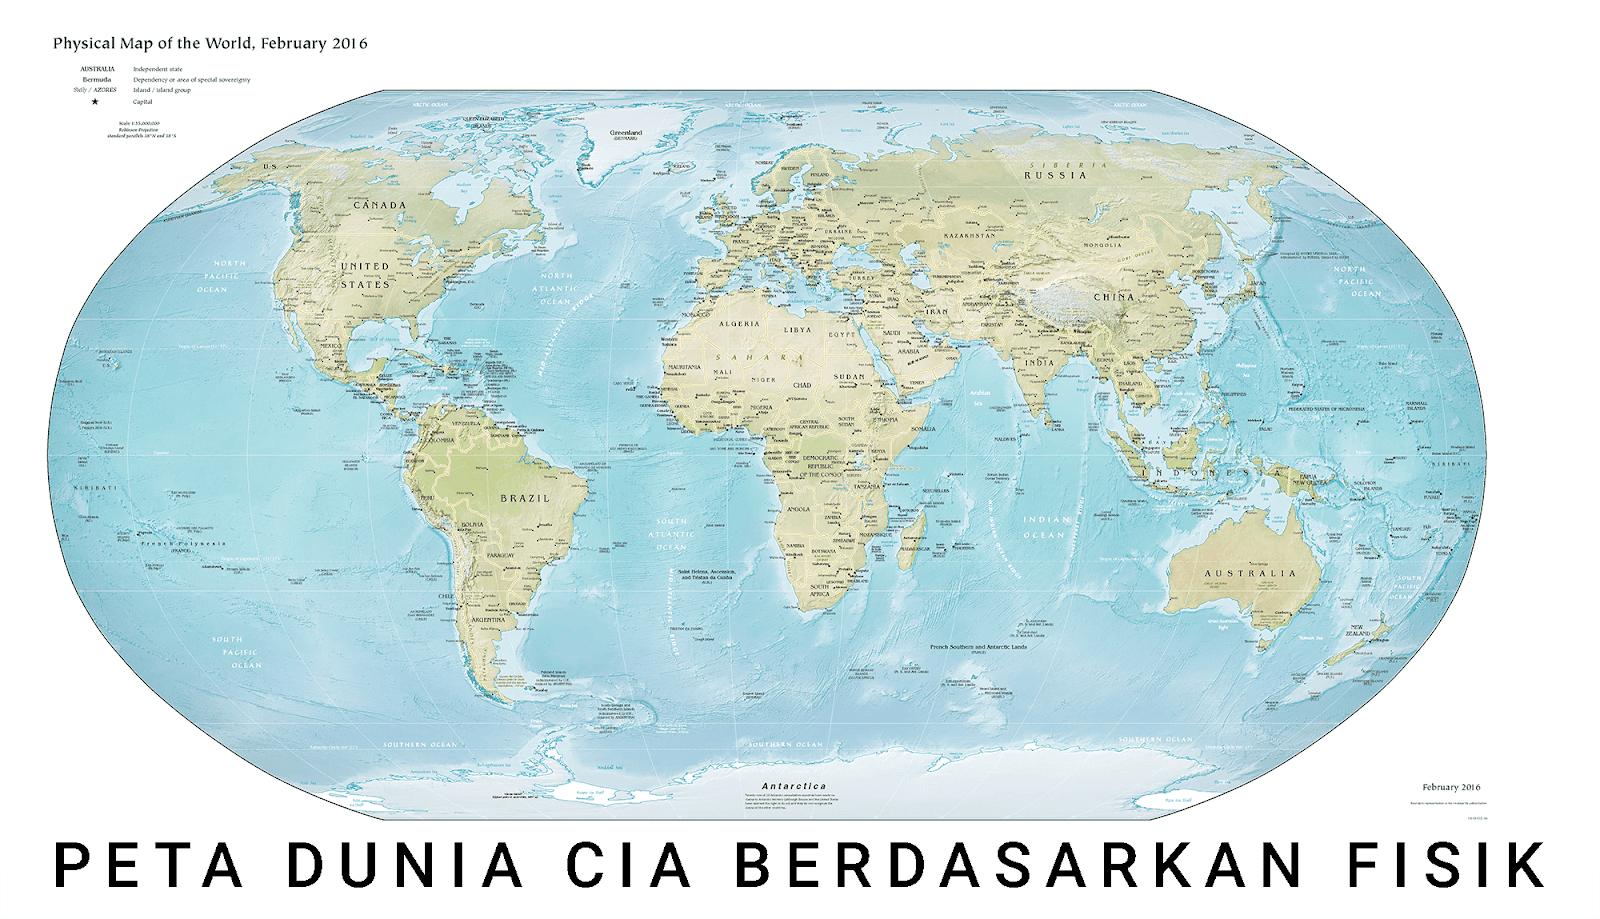 gambar peta dunia ukuran besar versi CIA berdasarkan fisik